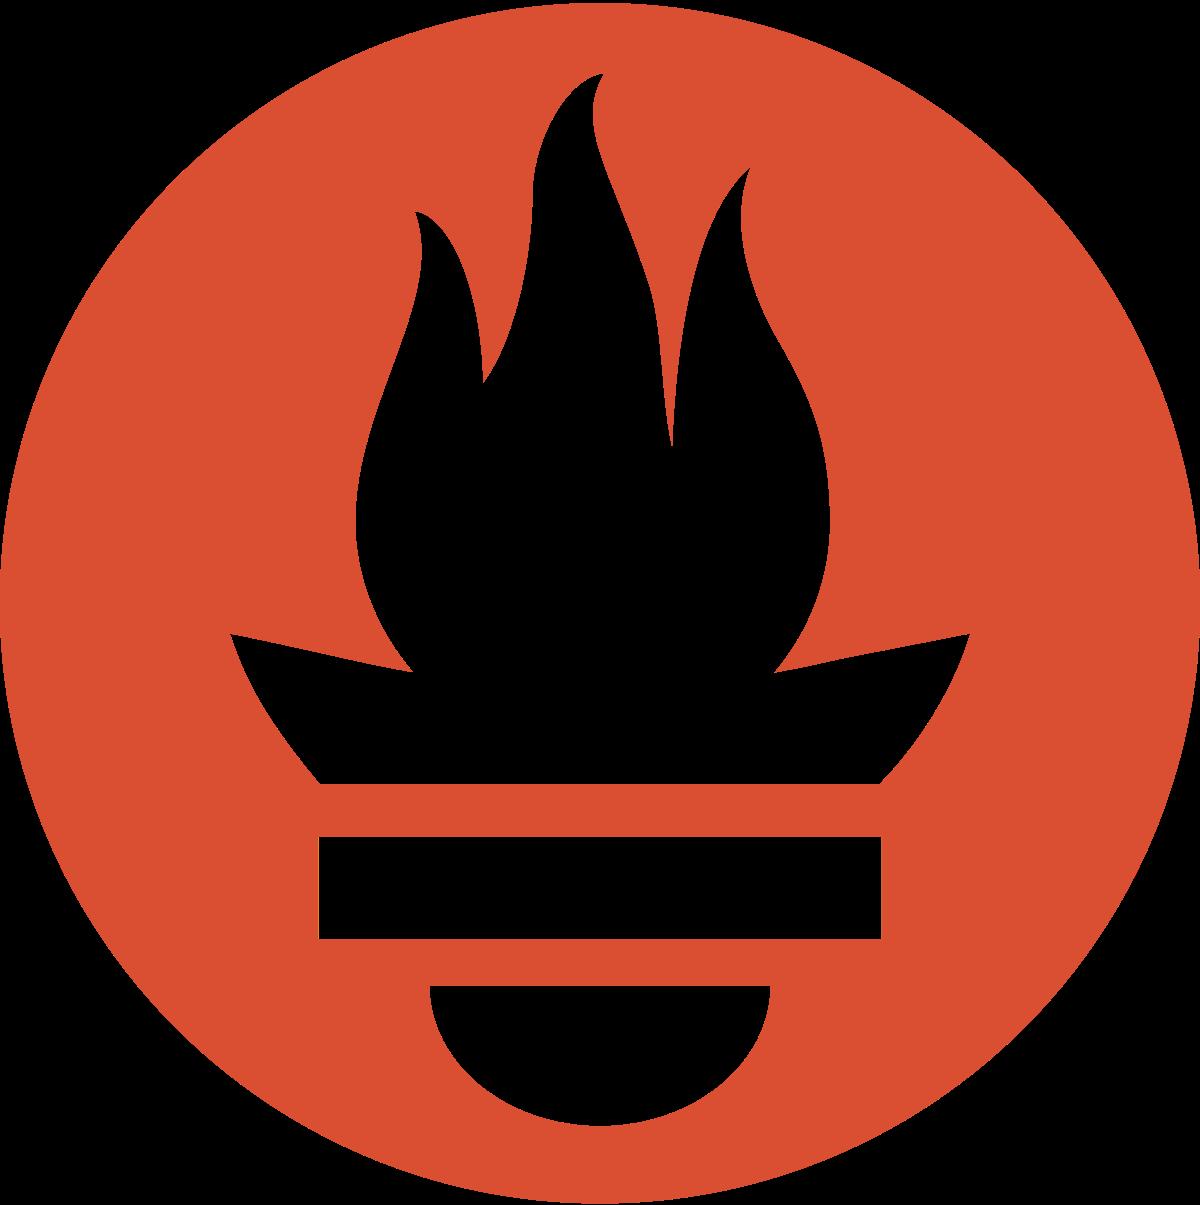 Database of Databases - Prometheus